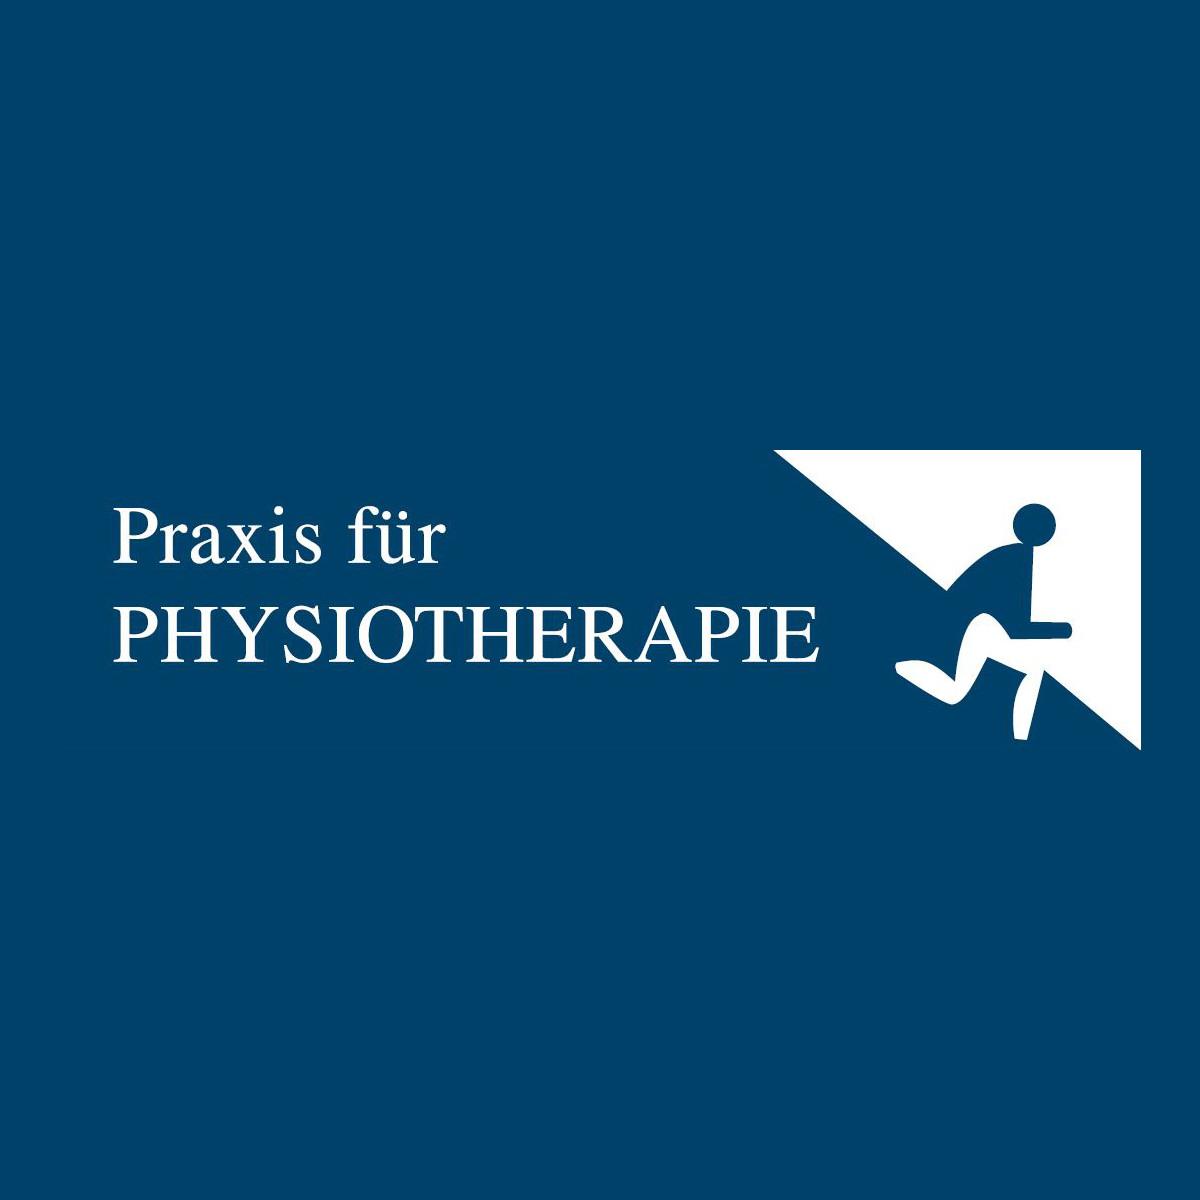 Bild zu Praxis für Physiotherapie Jens Storck & Katja Merzbacher in Zapfendorf